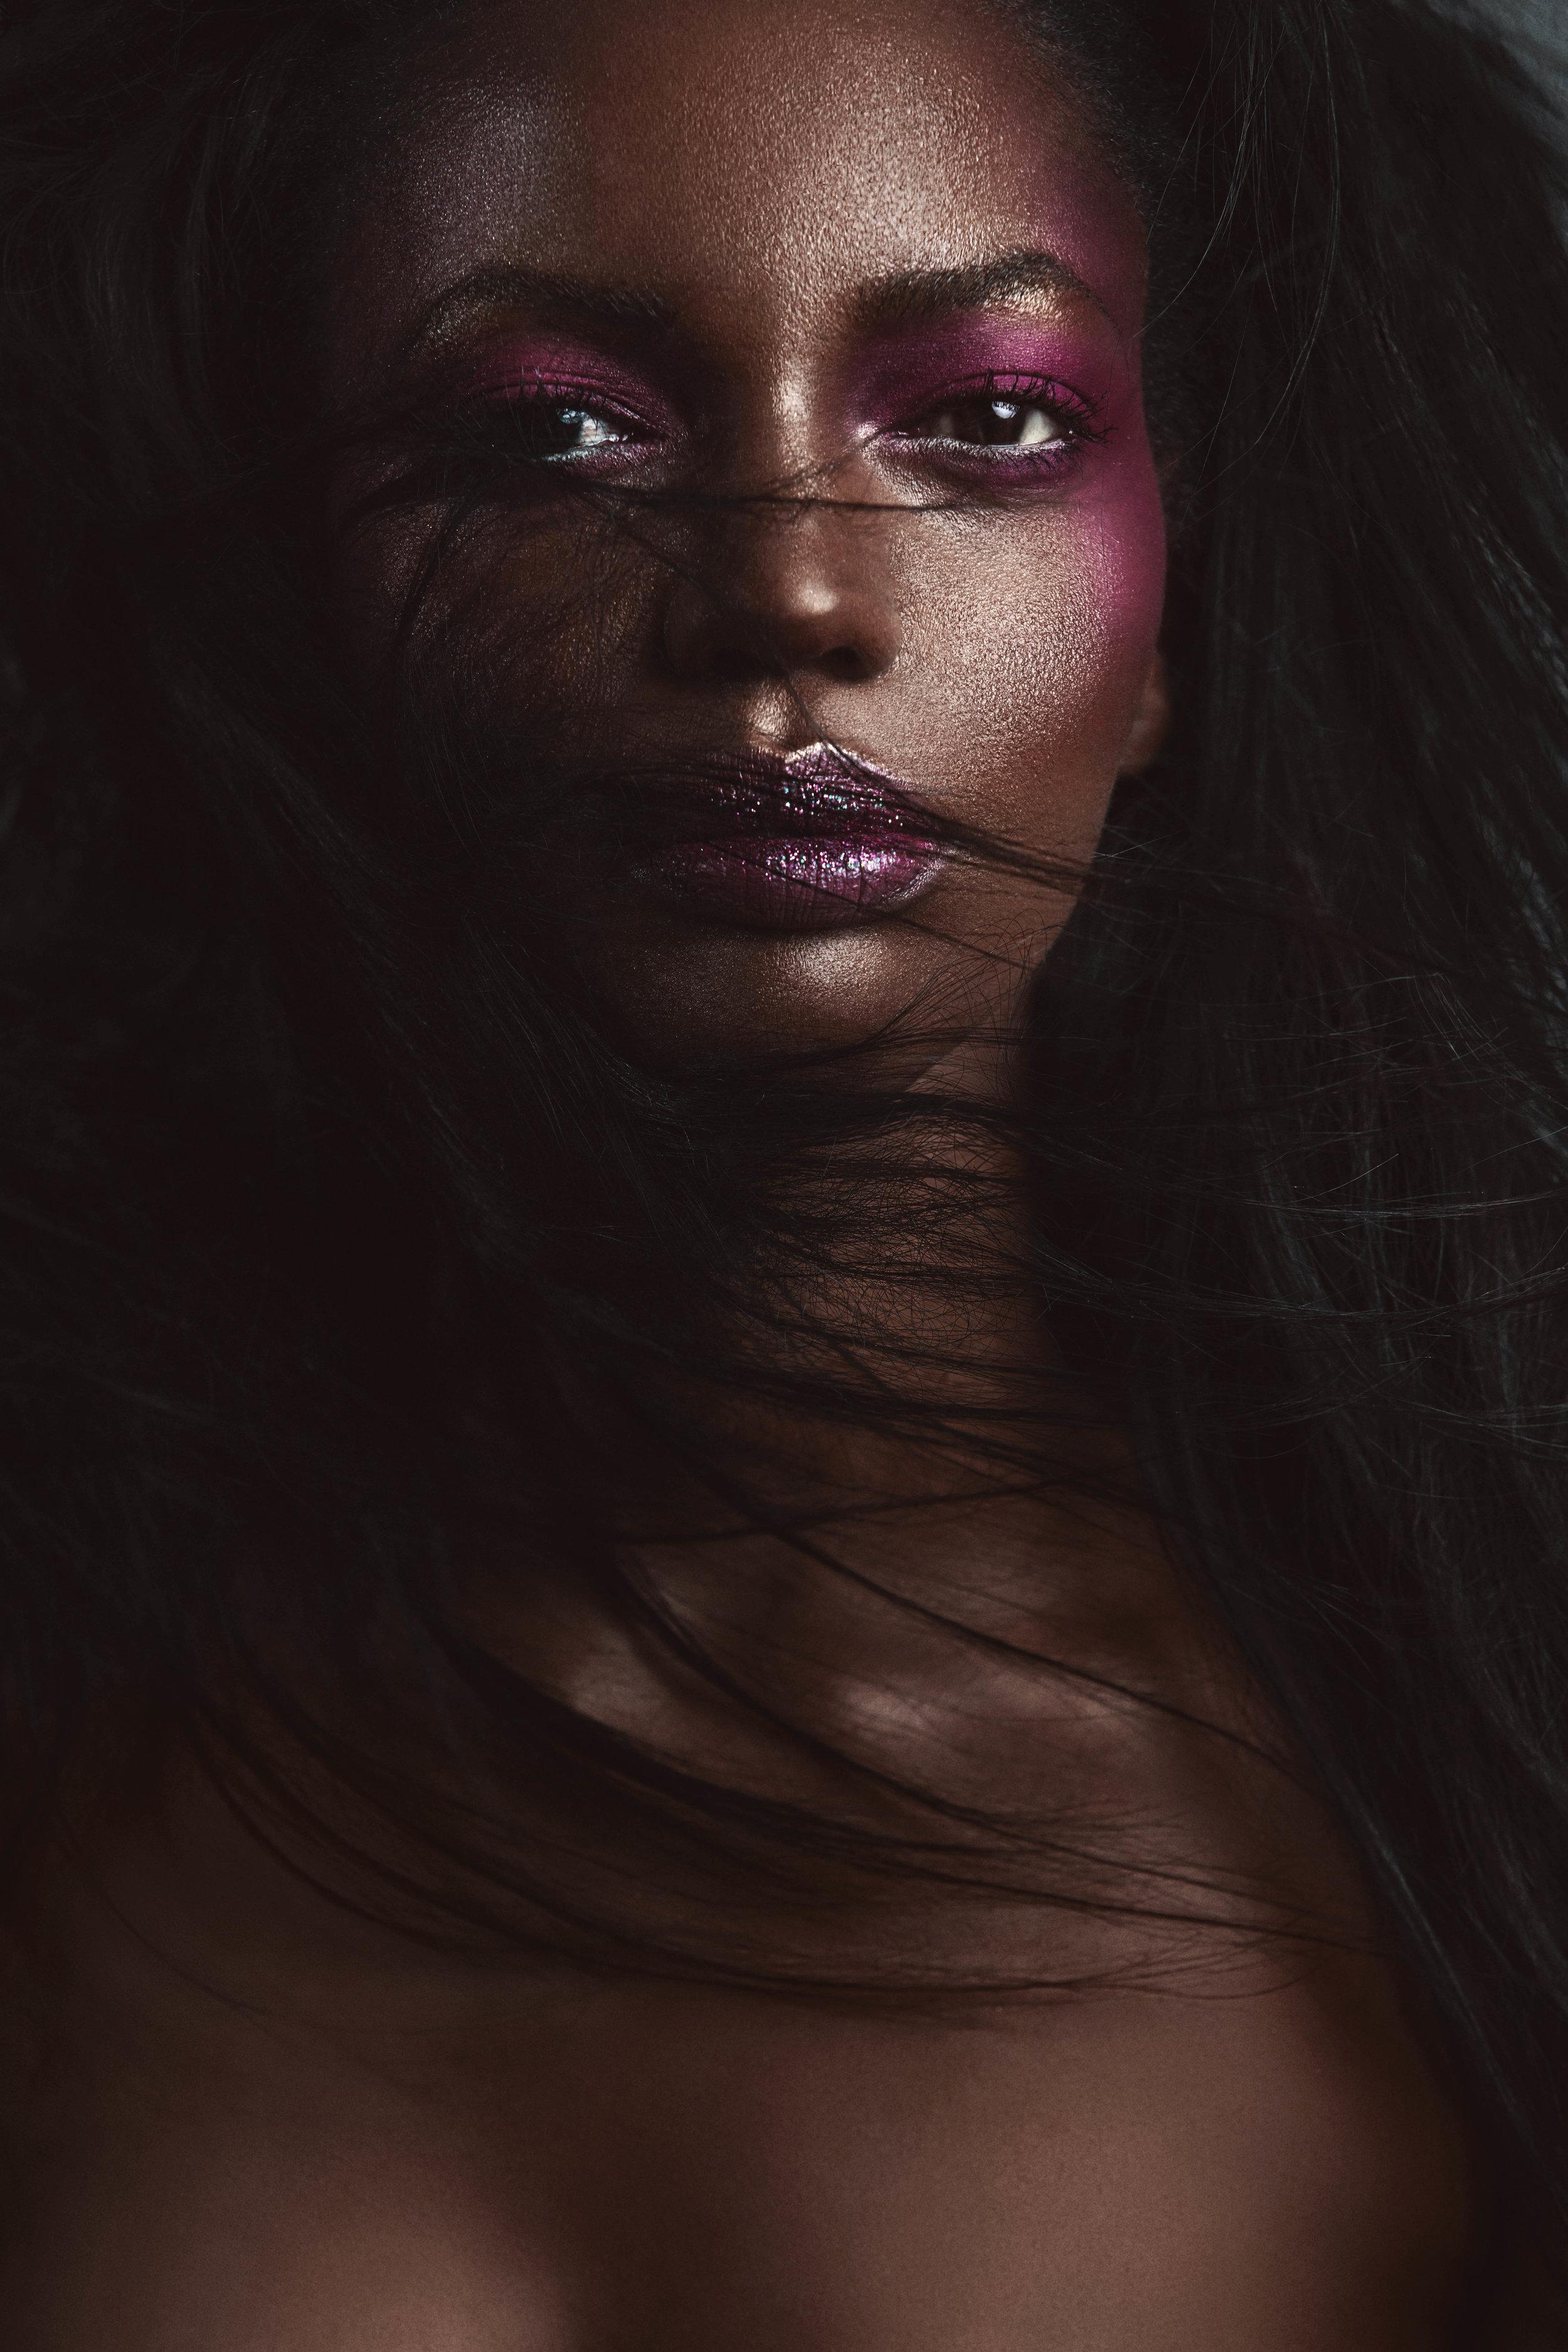 Beauty test0034-1 copy.jpg